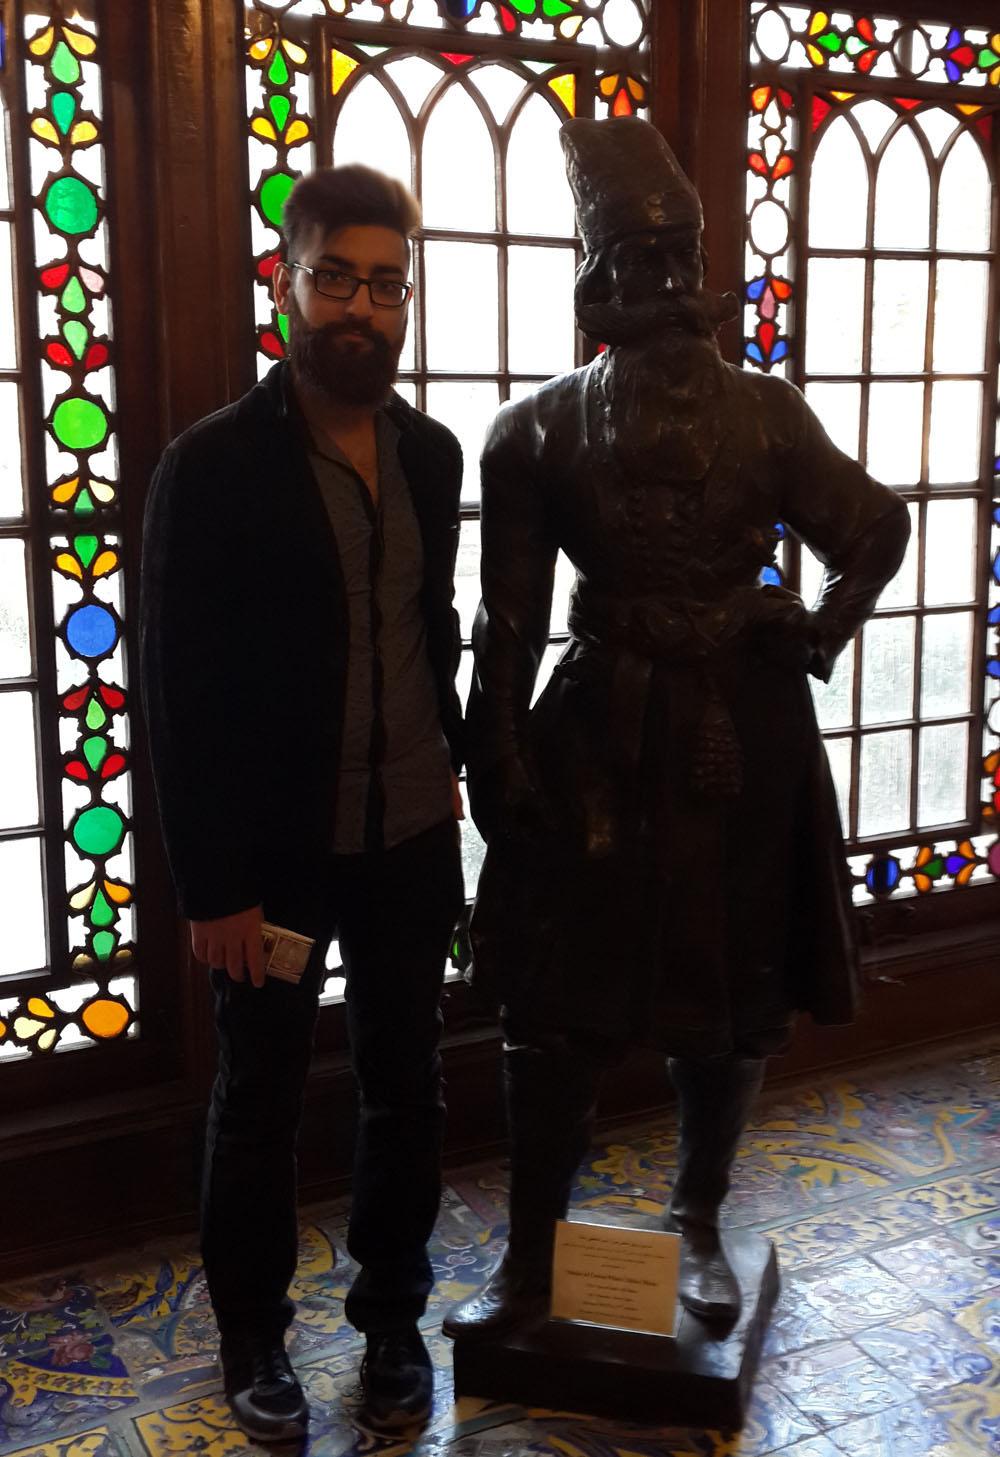 بهمن انصاری در كنار تنديس شاهزاده عباس میرزا